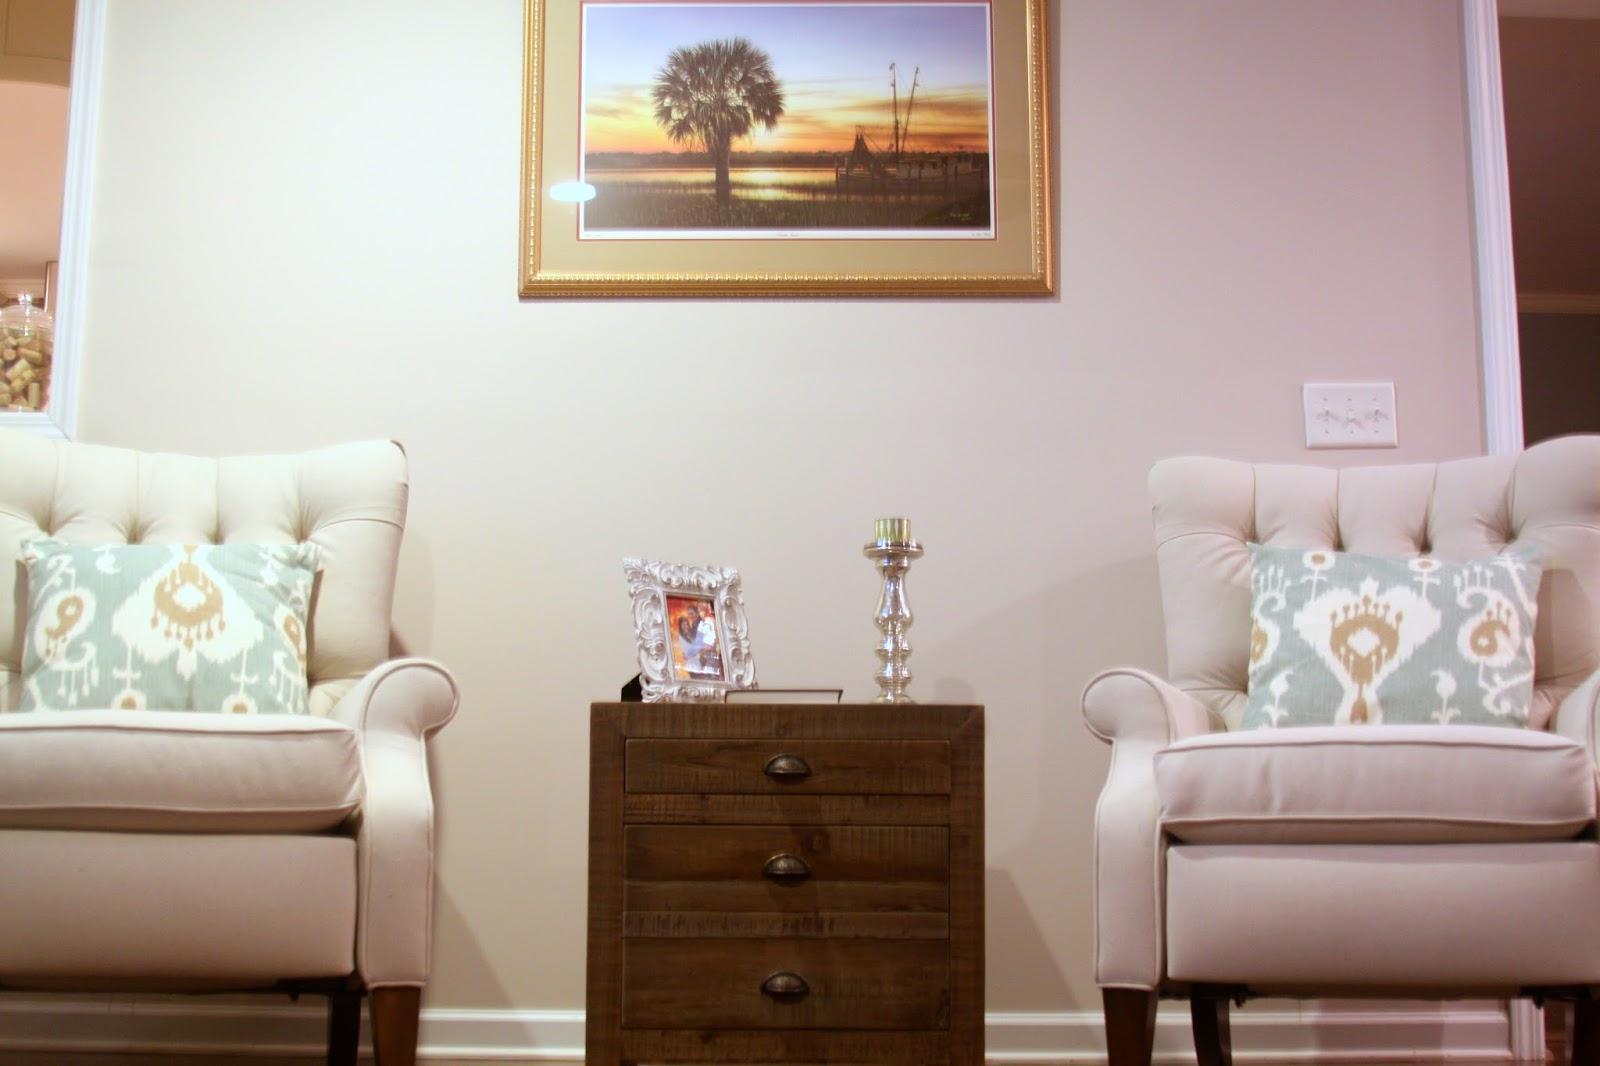 Arhaus Chairs